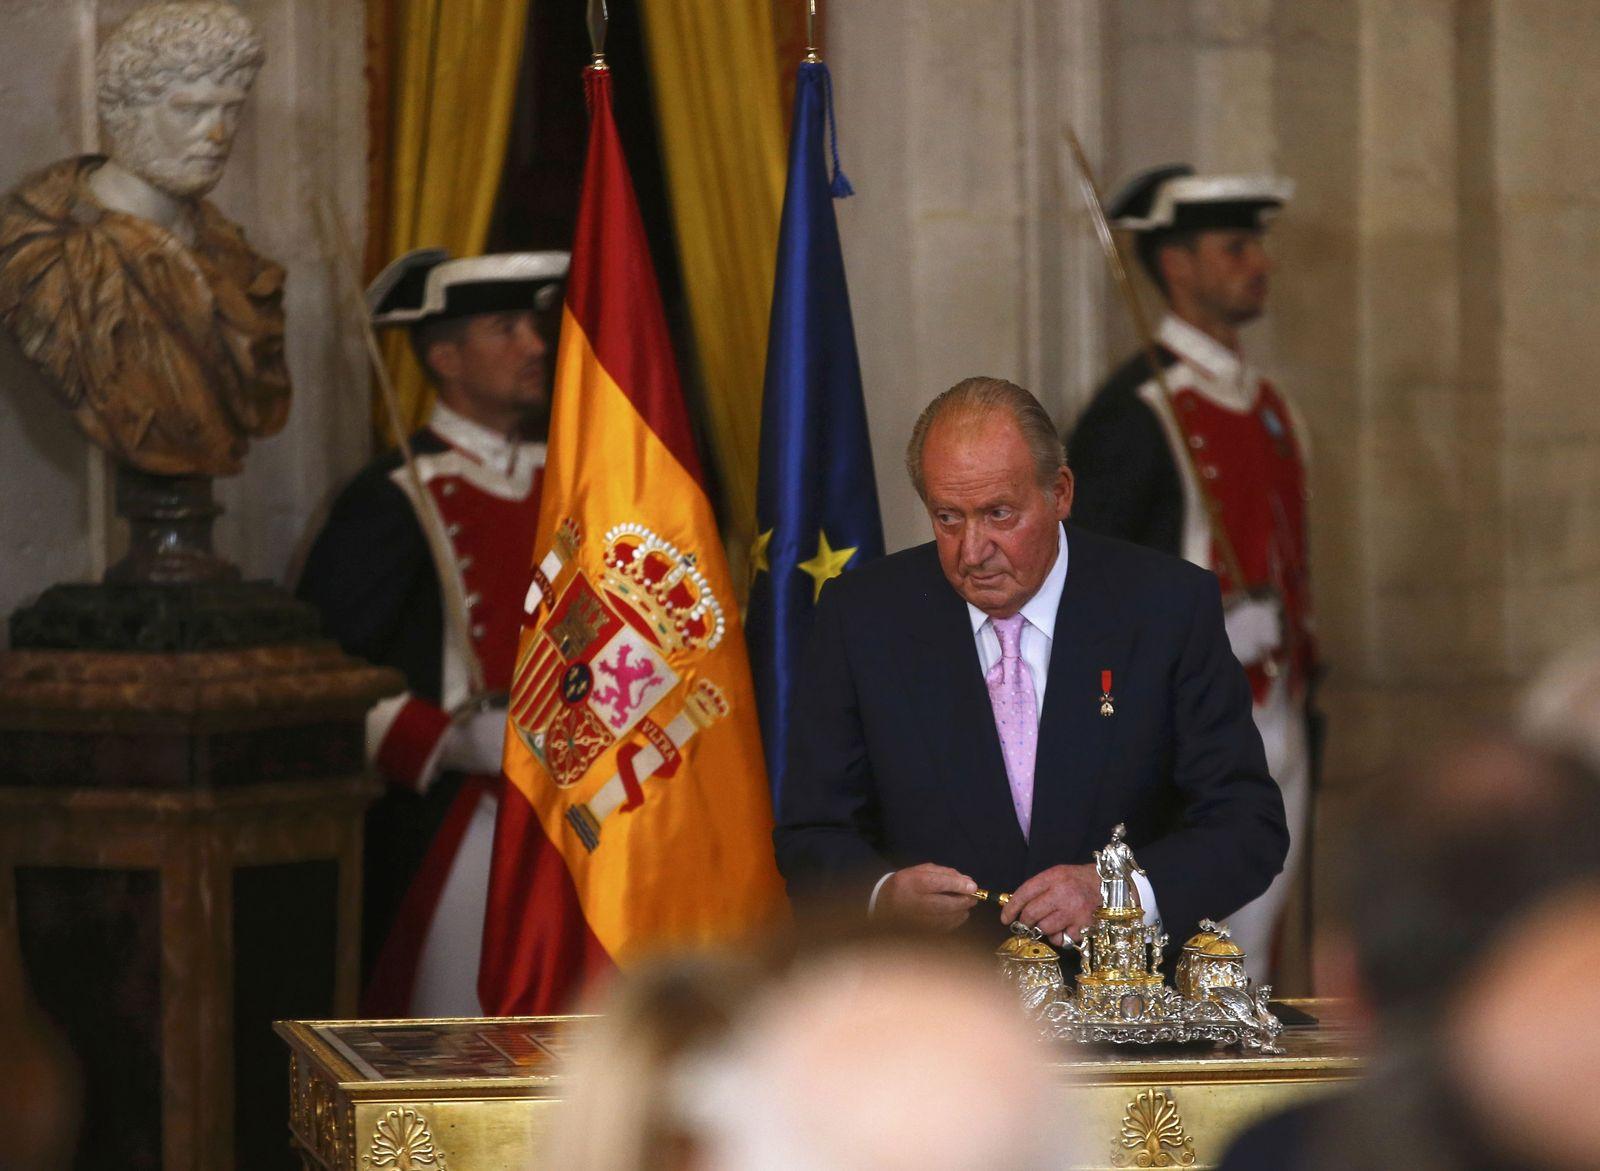 SPAIN-KING/